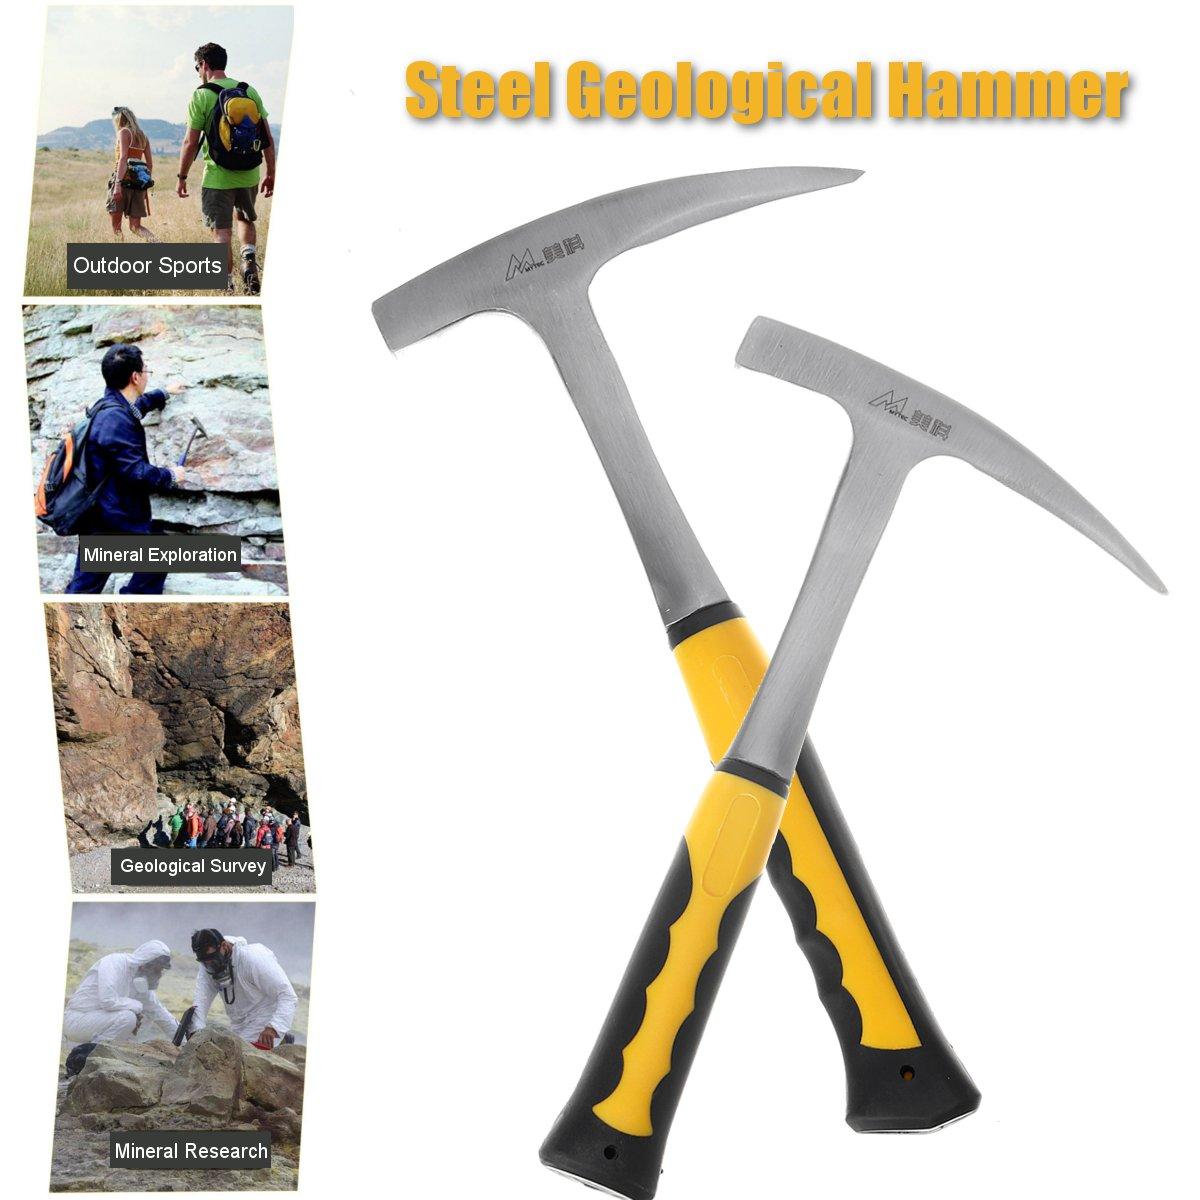 Acero al carbono martillo geológico Shock Rock reducción de Geología de Educación al Aire Libre herramienta de exploración de minerales martillo herramientas de mano